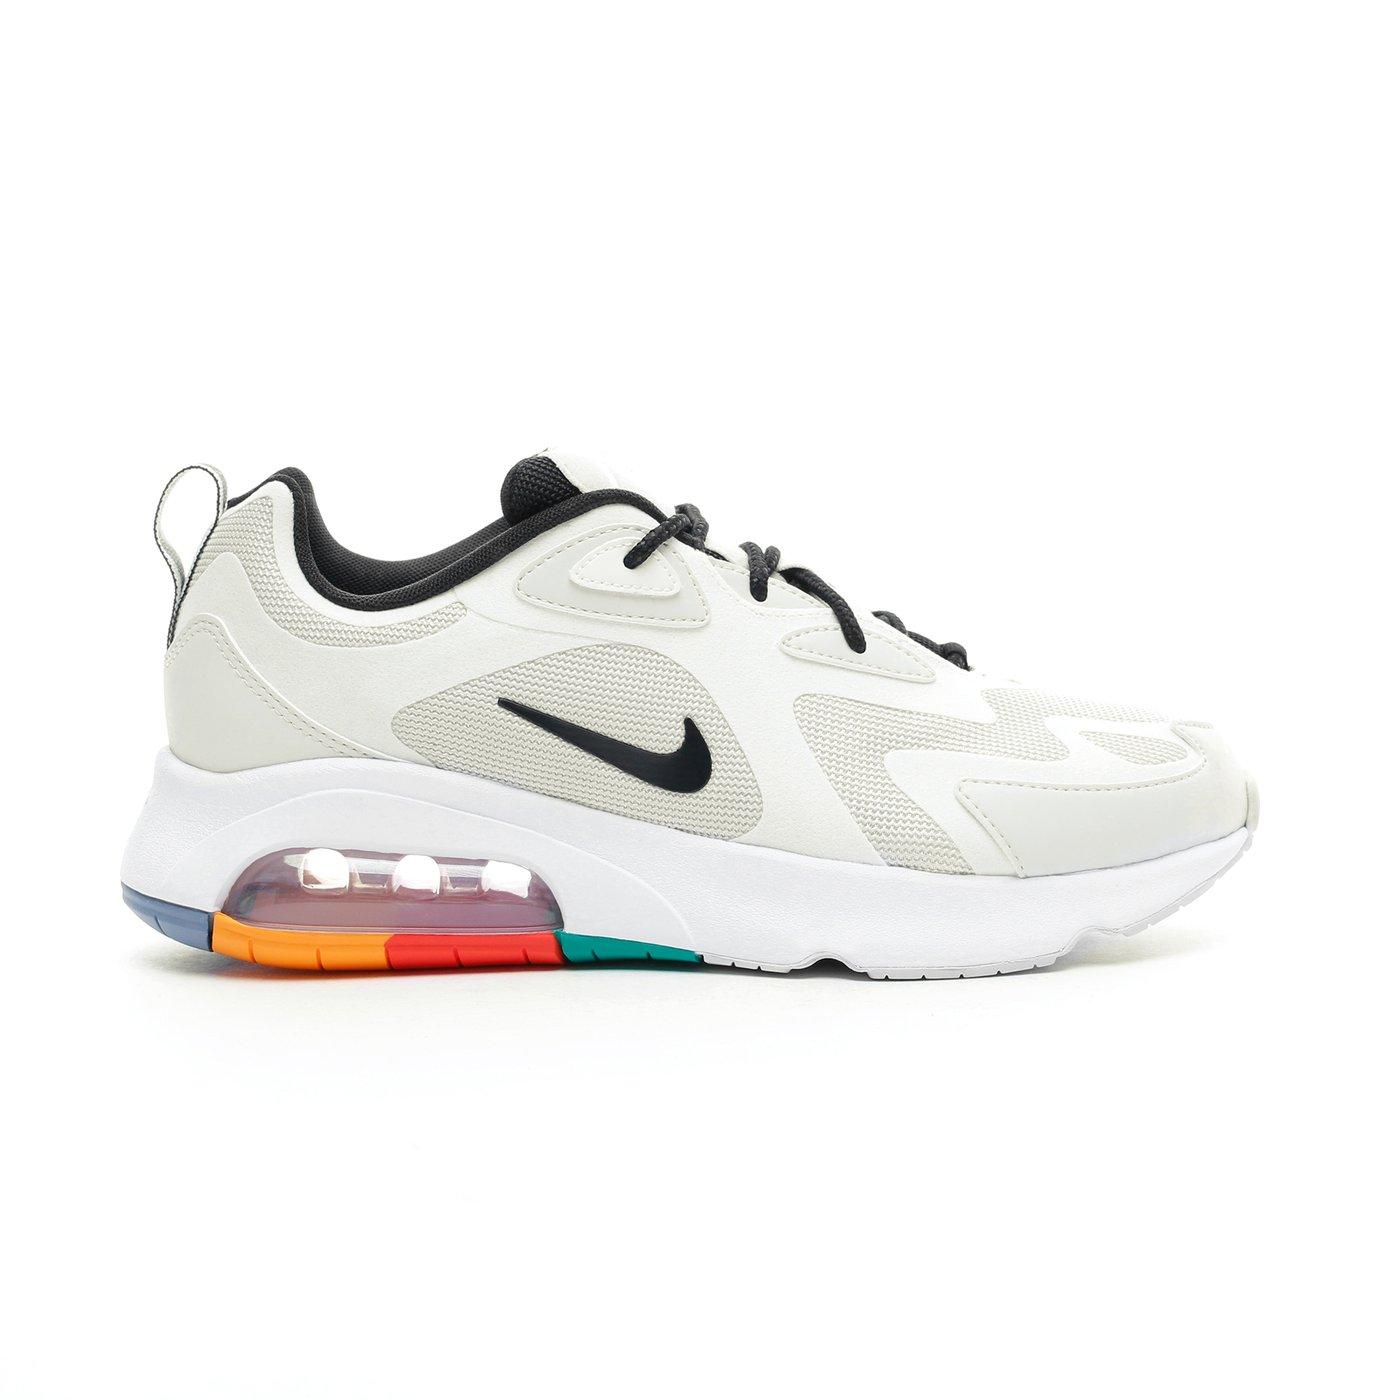 Nike Air Max 200 Beyaz Erkek Spor Ayakkabı